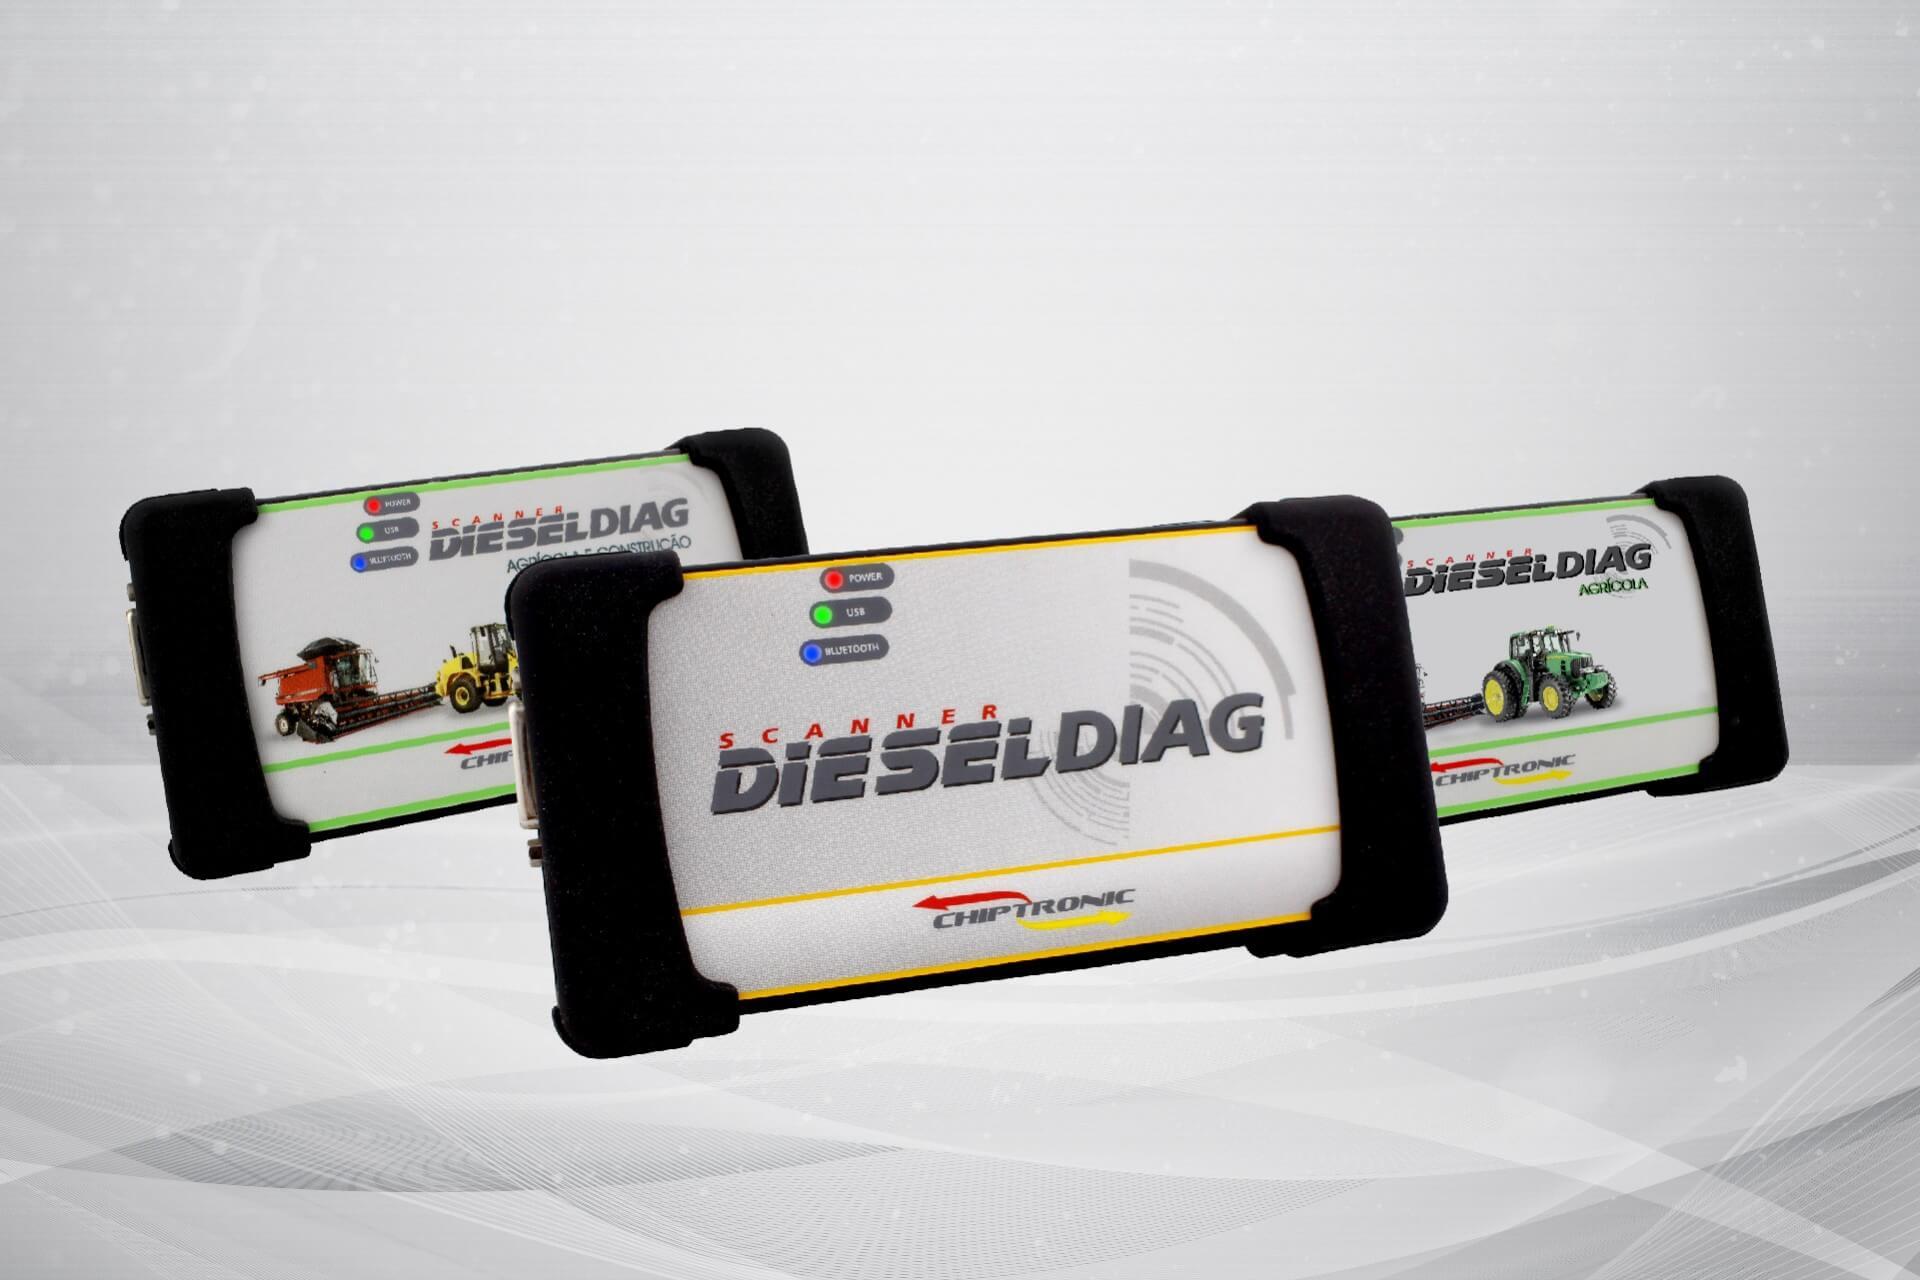 dieseldiag